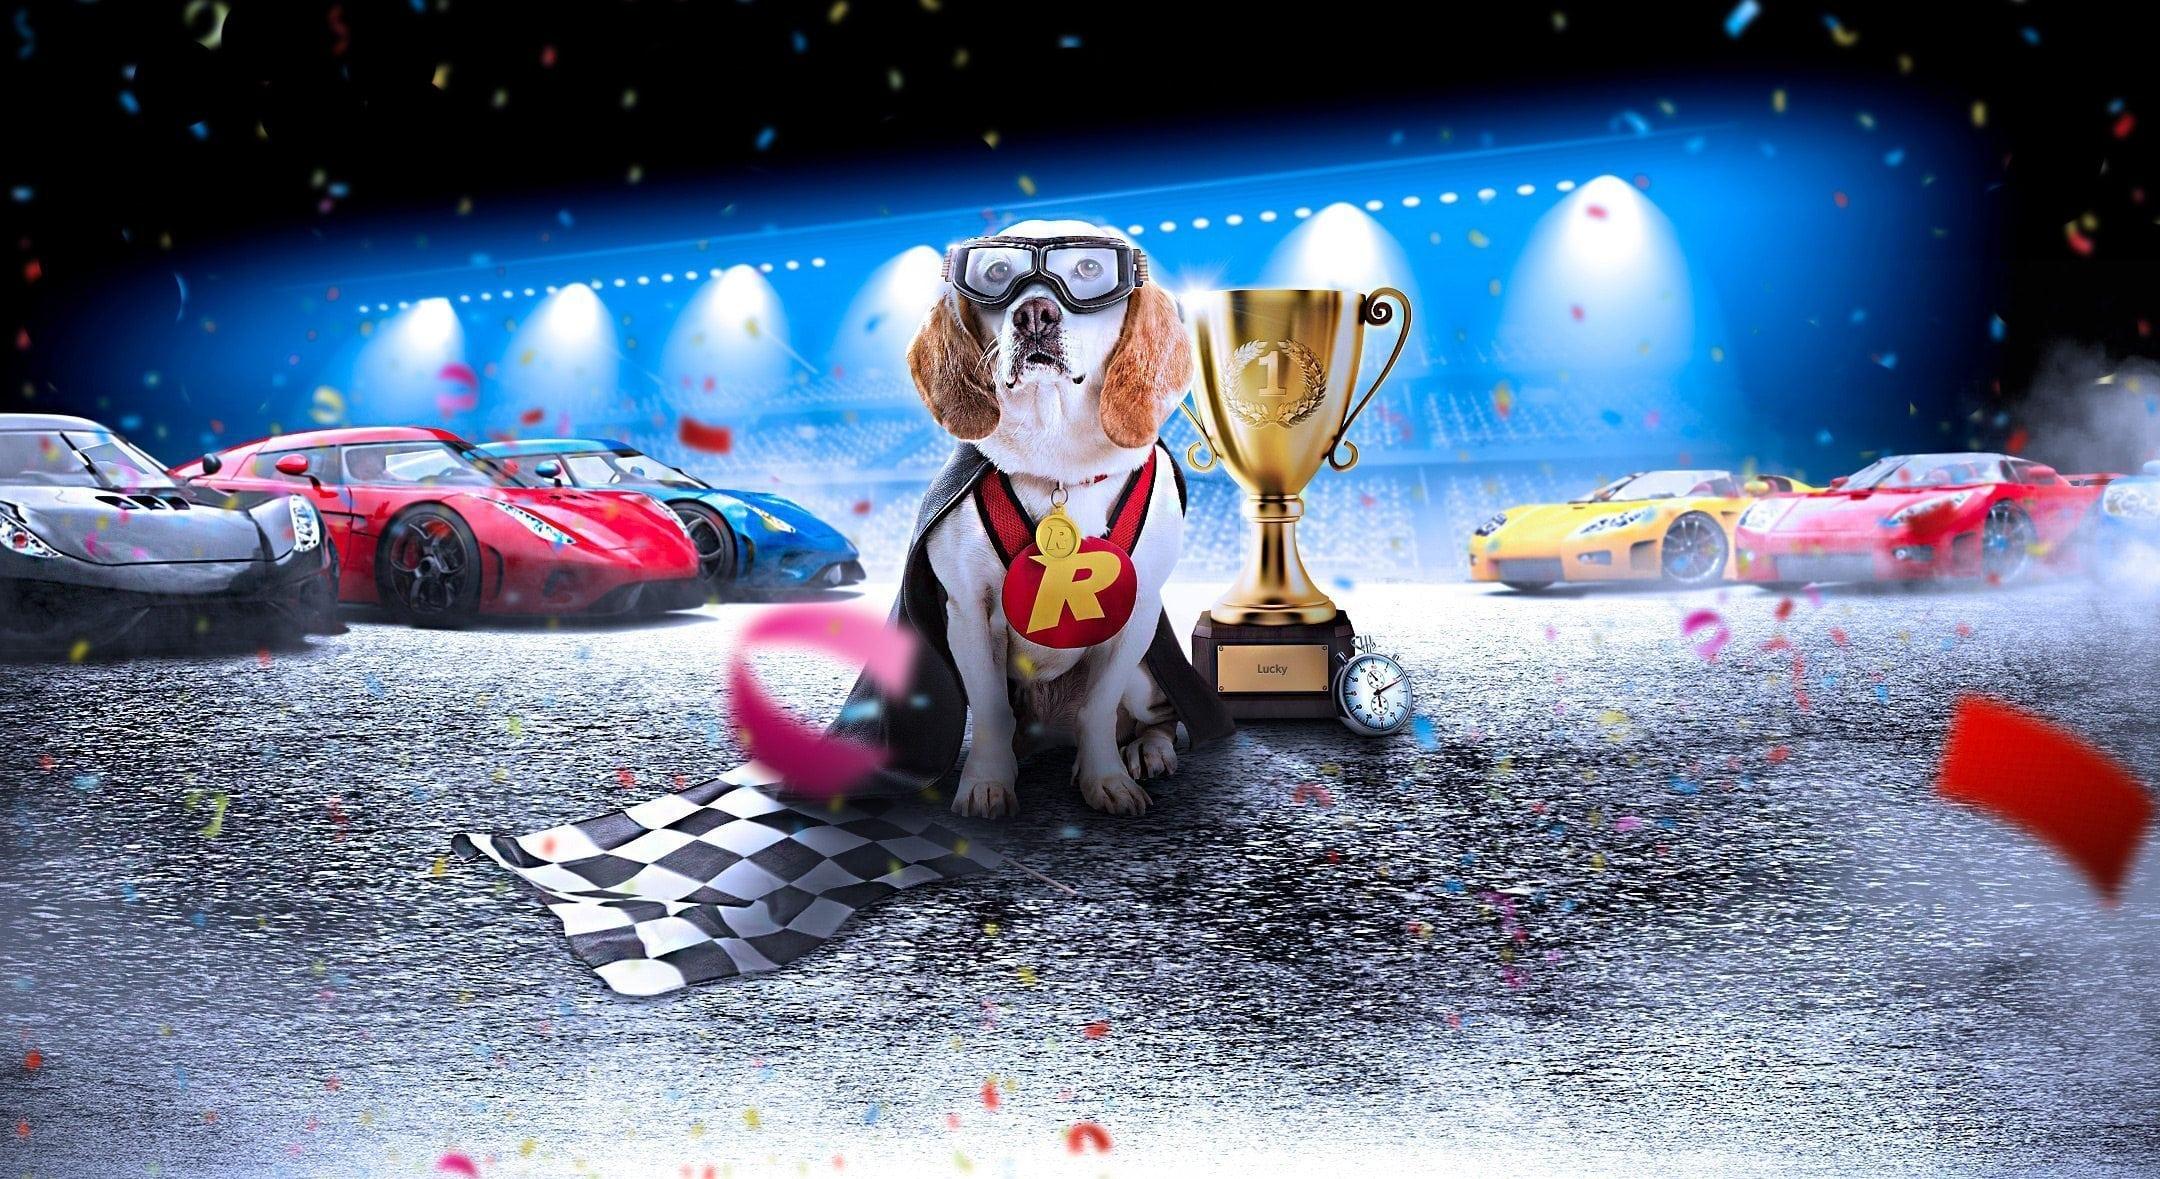 Rizk Race Casino Photo Manipulation